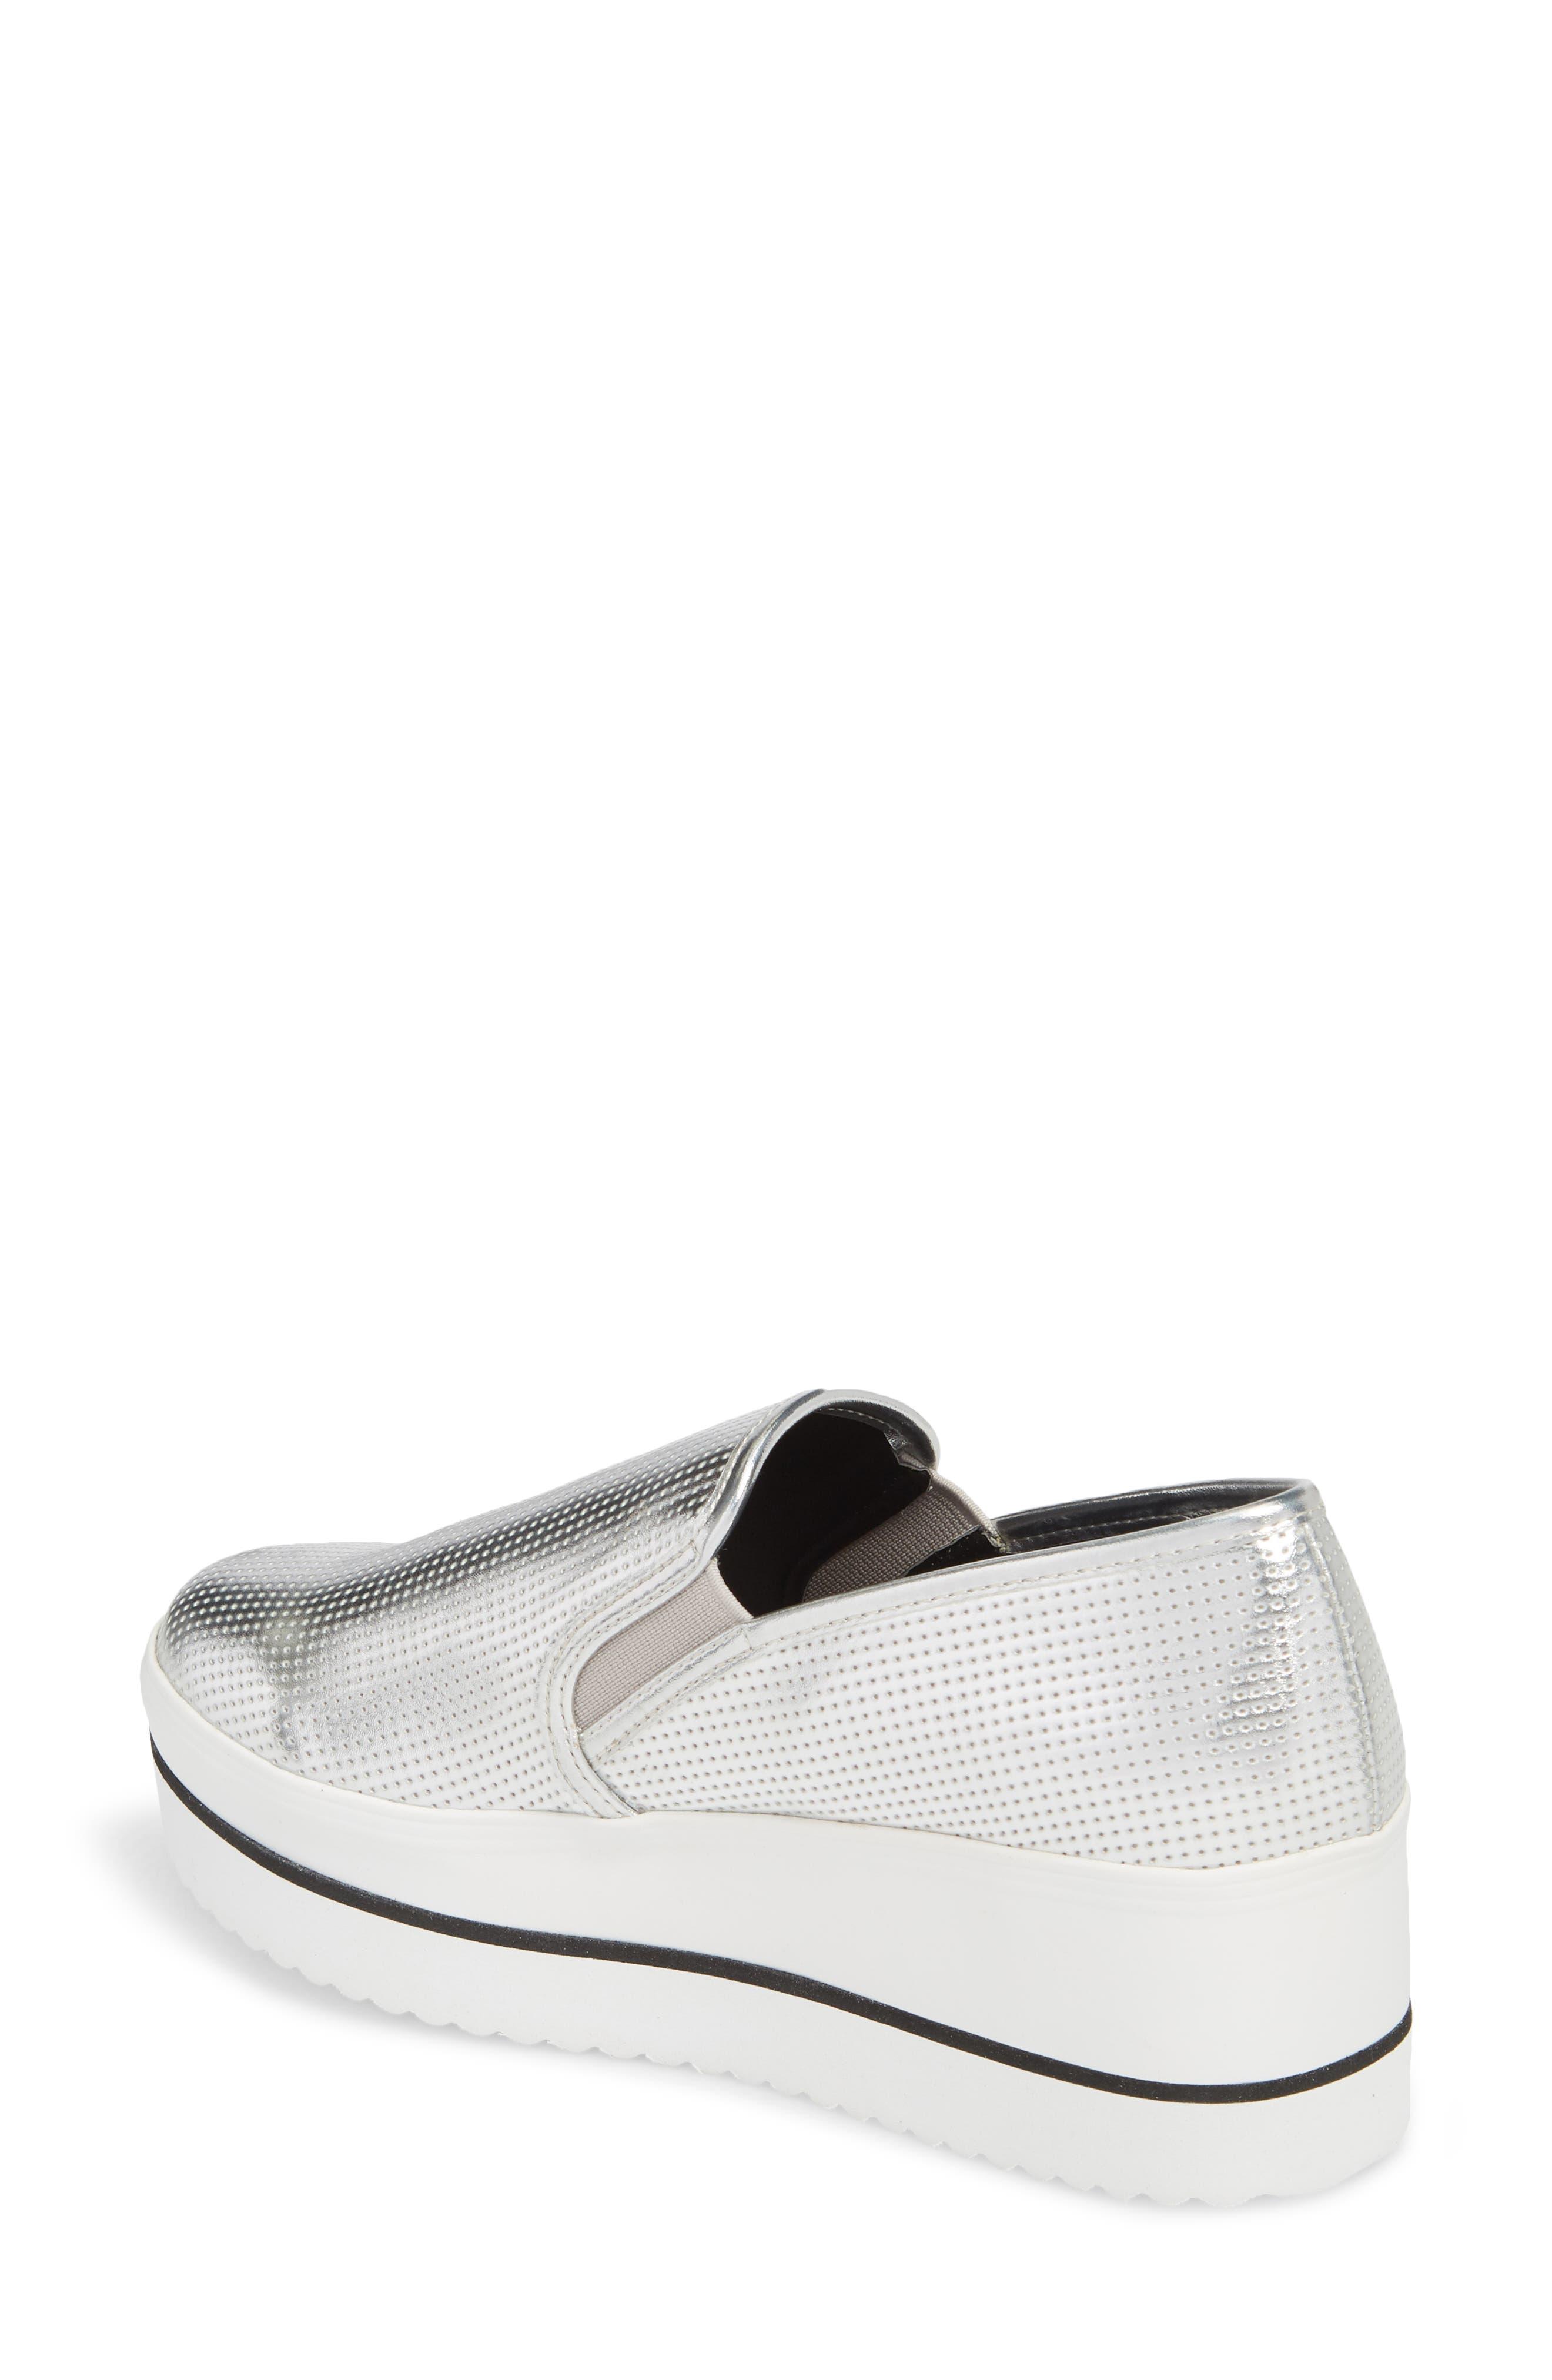 Becca Slip-On Sneaker,                             Alternate thumbnail 2, color,                             SILVER